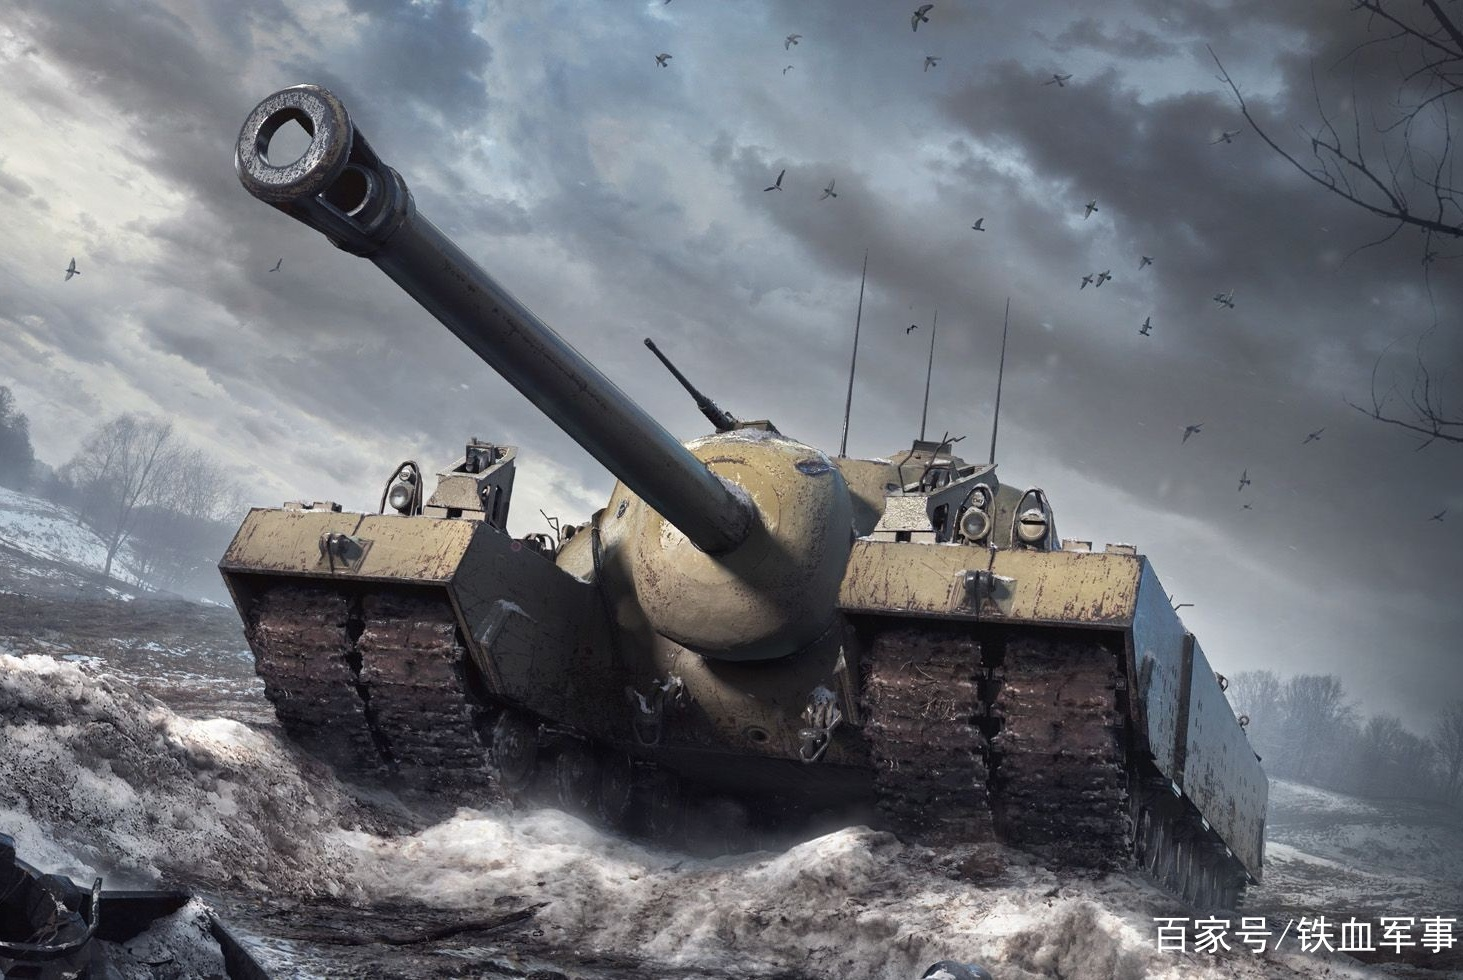 打仗时,坦克没油了怎么办?苏联想出两招,这招用到现在